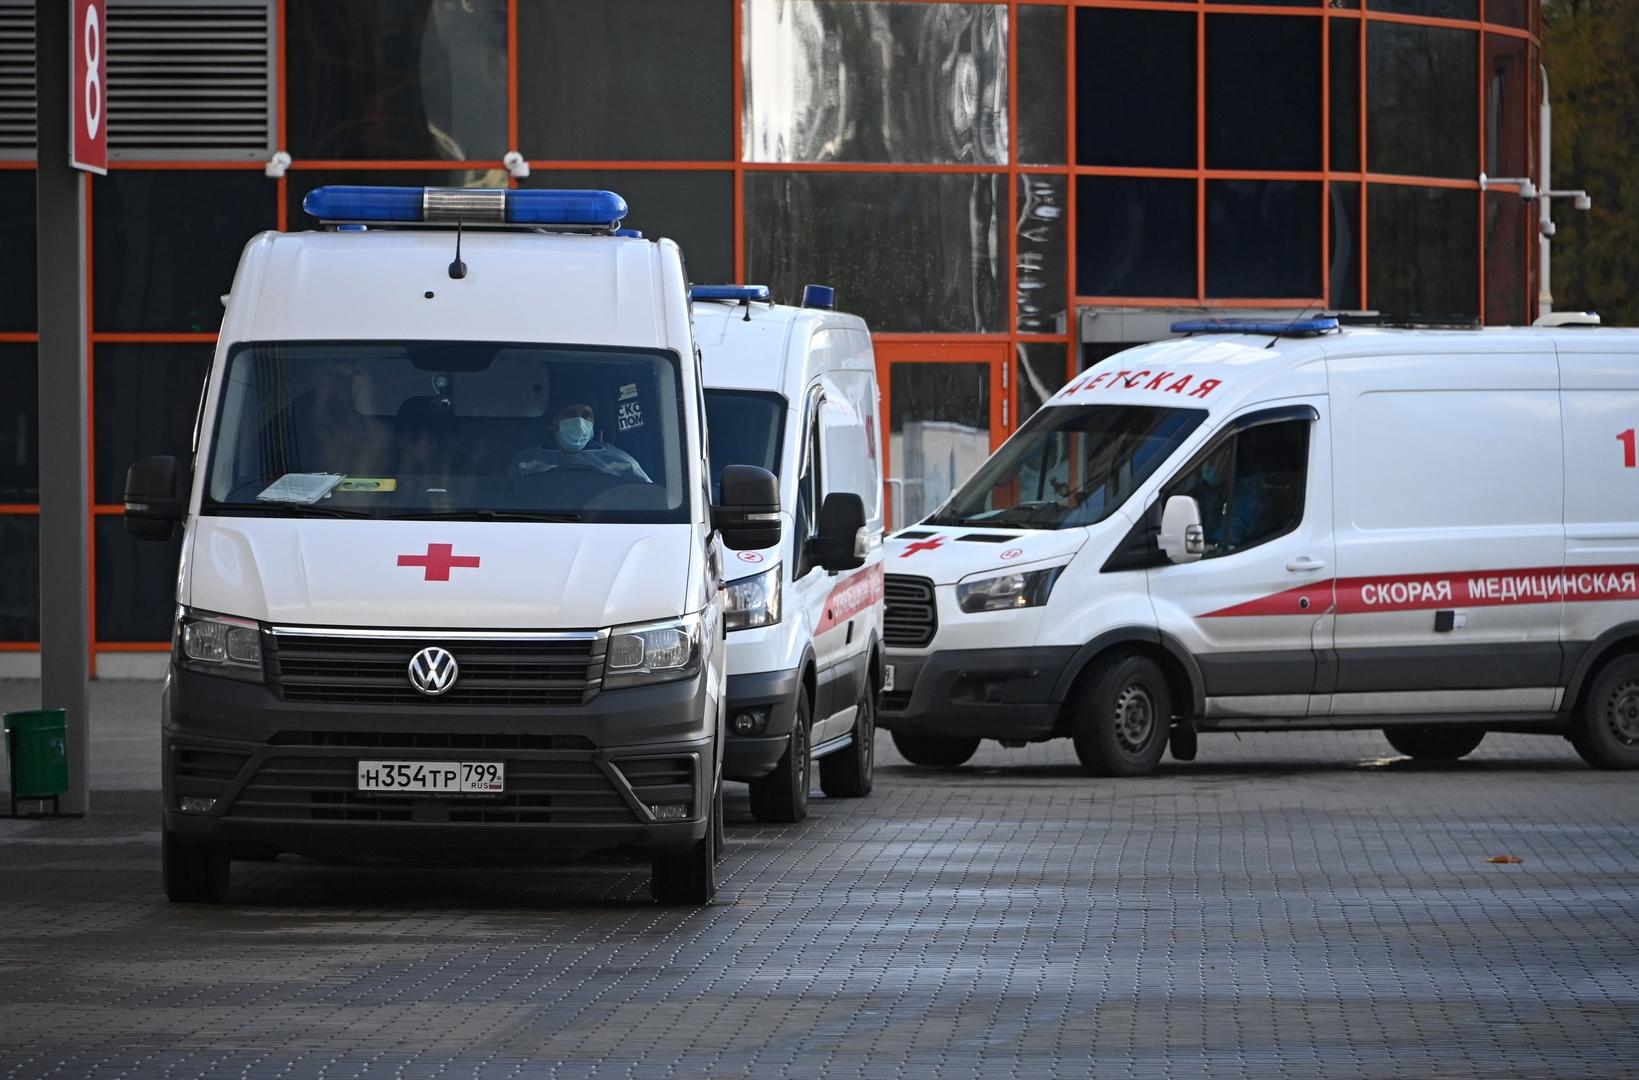 وفاة 66 مصابا بفيروس كورونا في موسكو